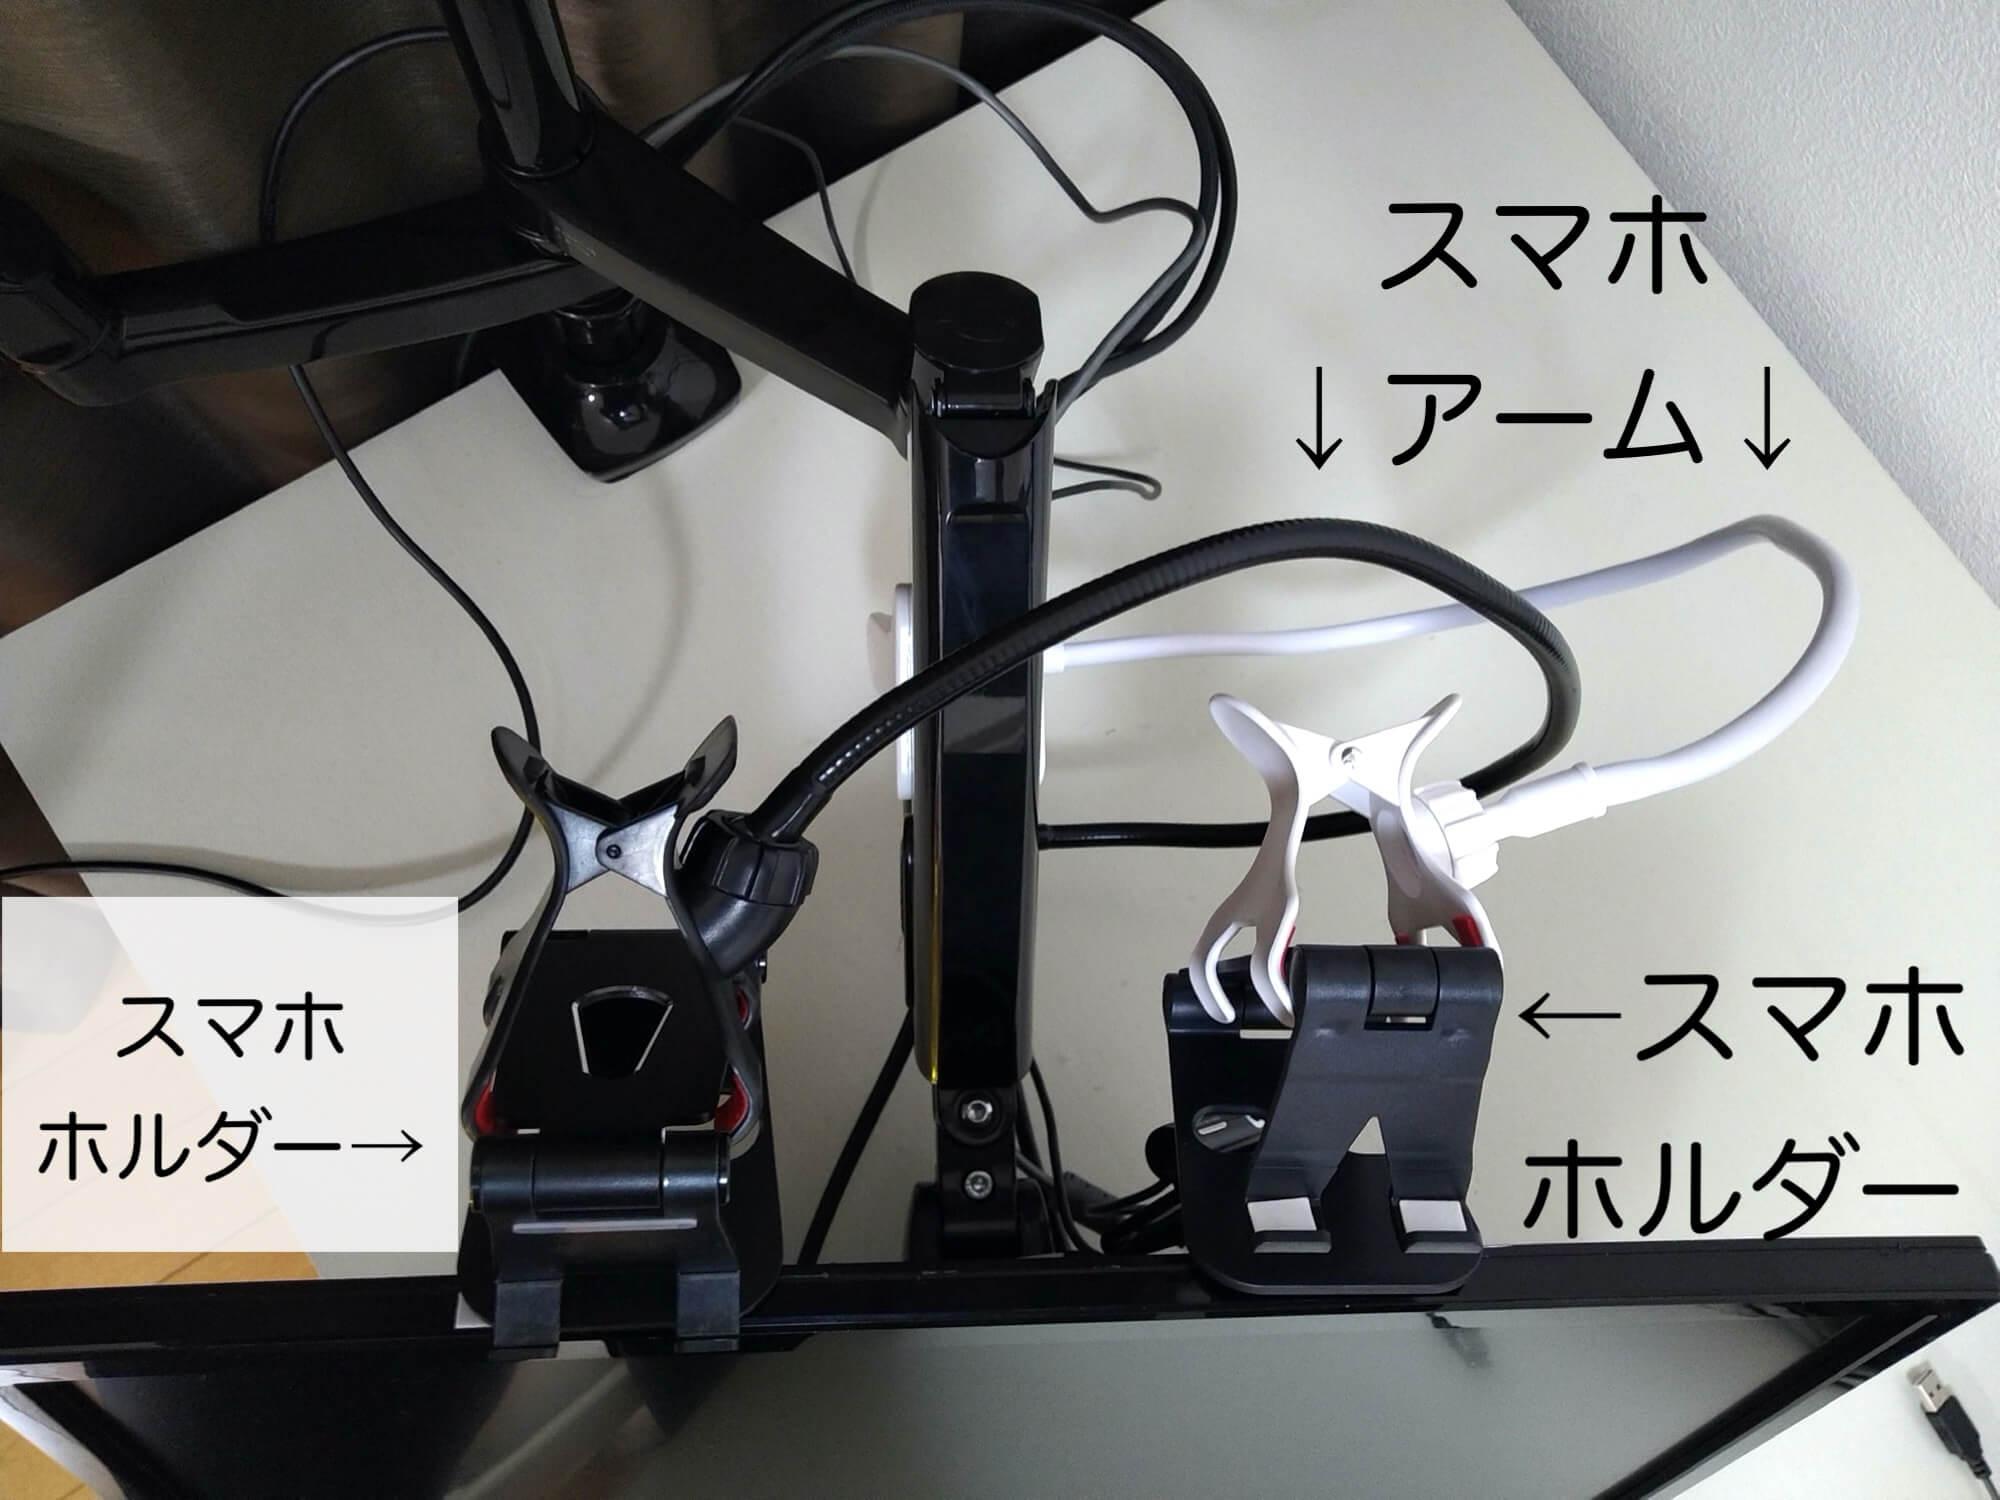 スマホ置き場を液晶ディスプレイの上に作ったよ/モニター&ノートPC用アームとダイソーのスマホホルダーで机を快適に